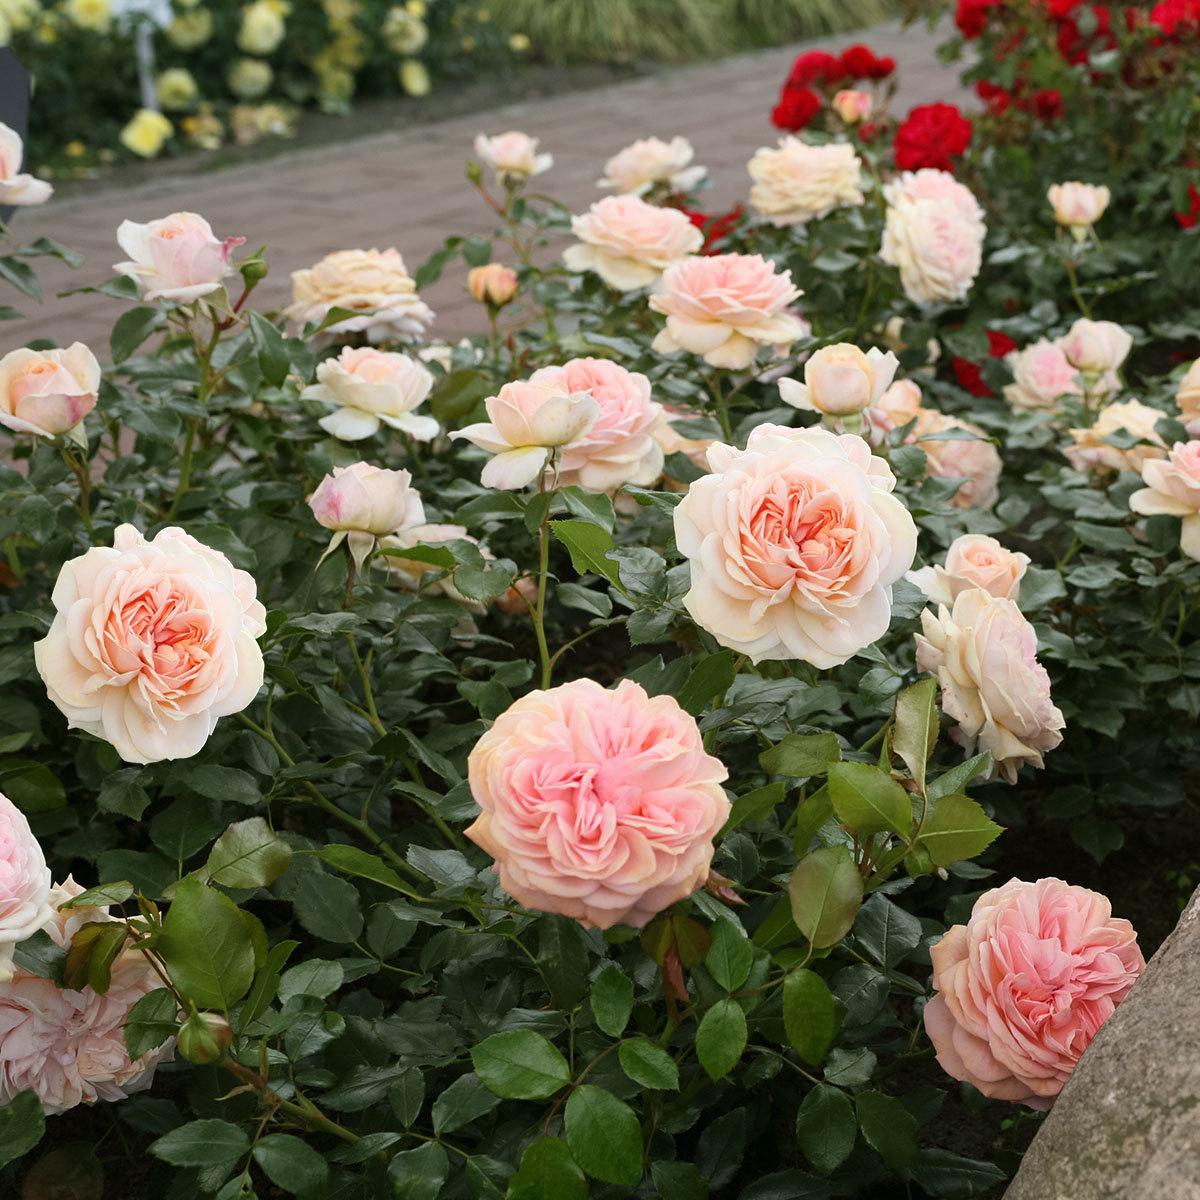 Beetrose Garden of Roses® | #2